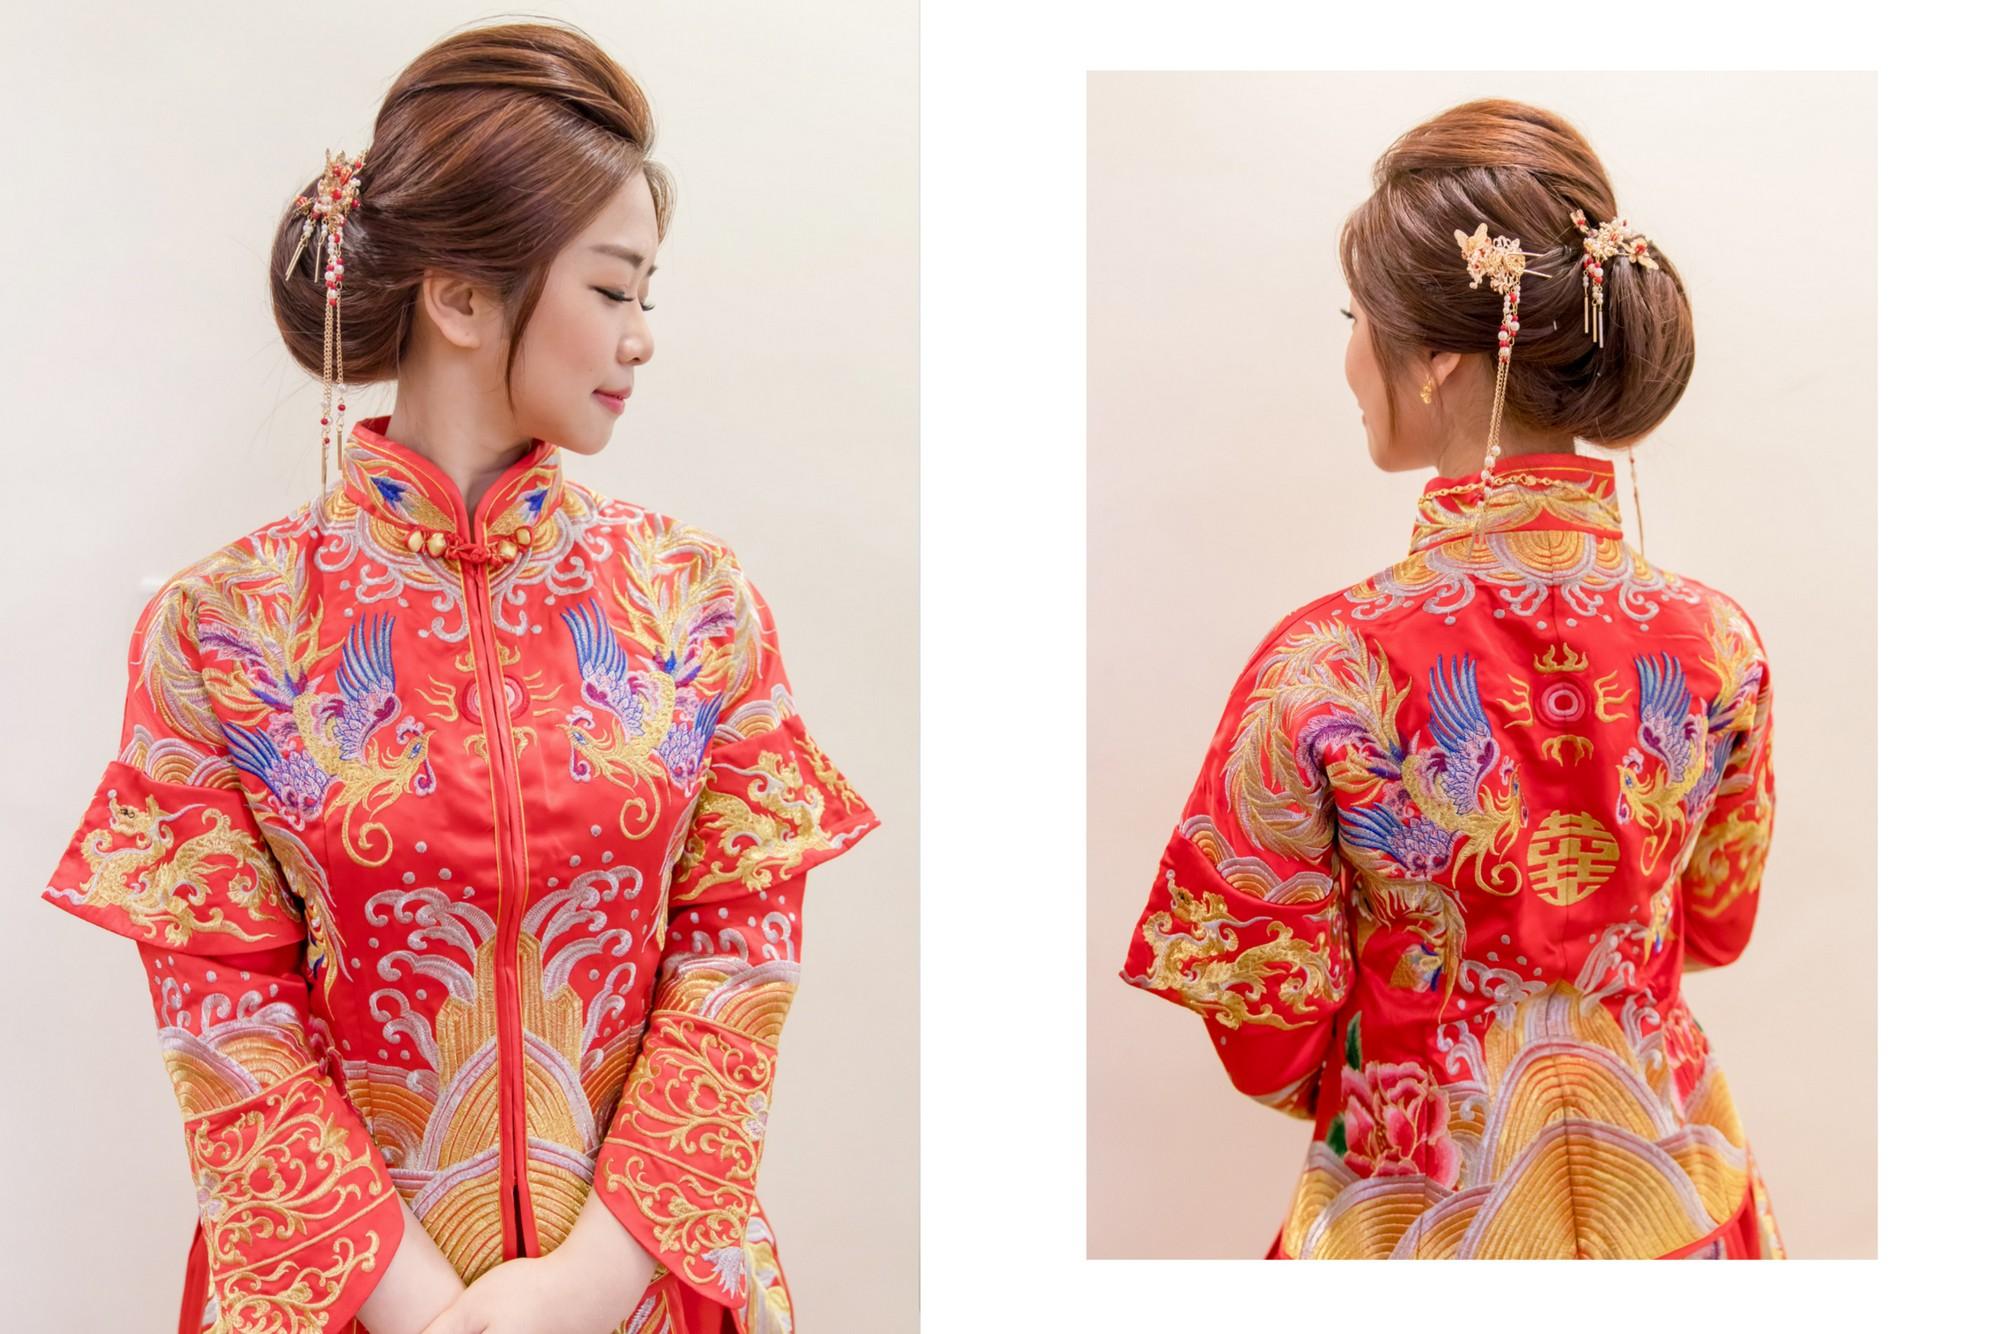 新娘造型,台北新秘,新娘髮型, 低髮髻造型,中式禮服,龍鳳褂造型,褂頭,龍鳳褂髮型,龍鳳褂